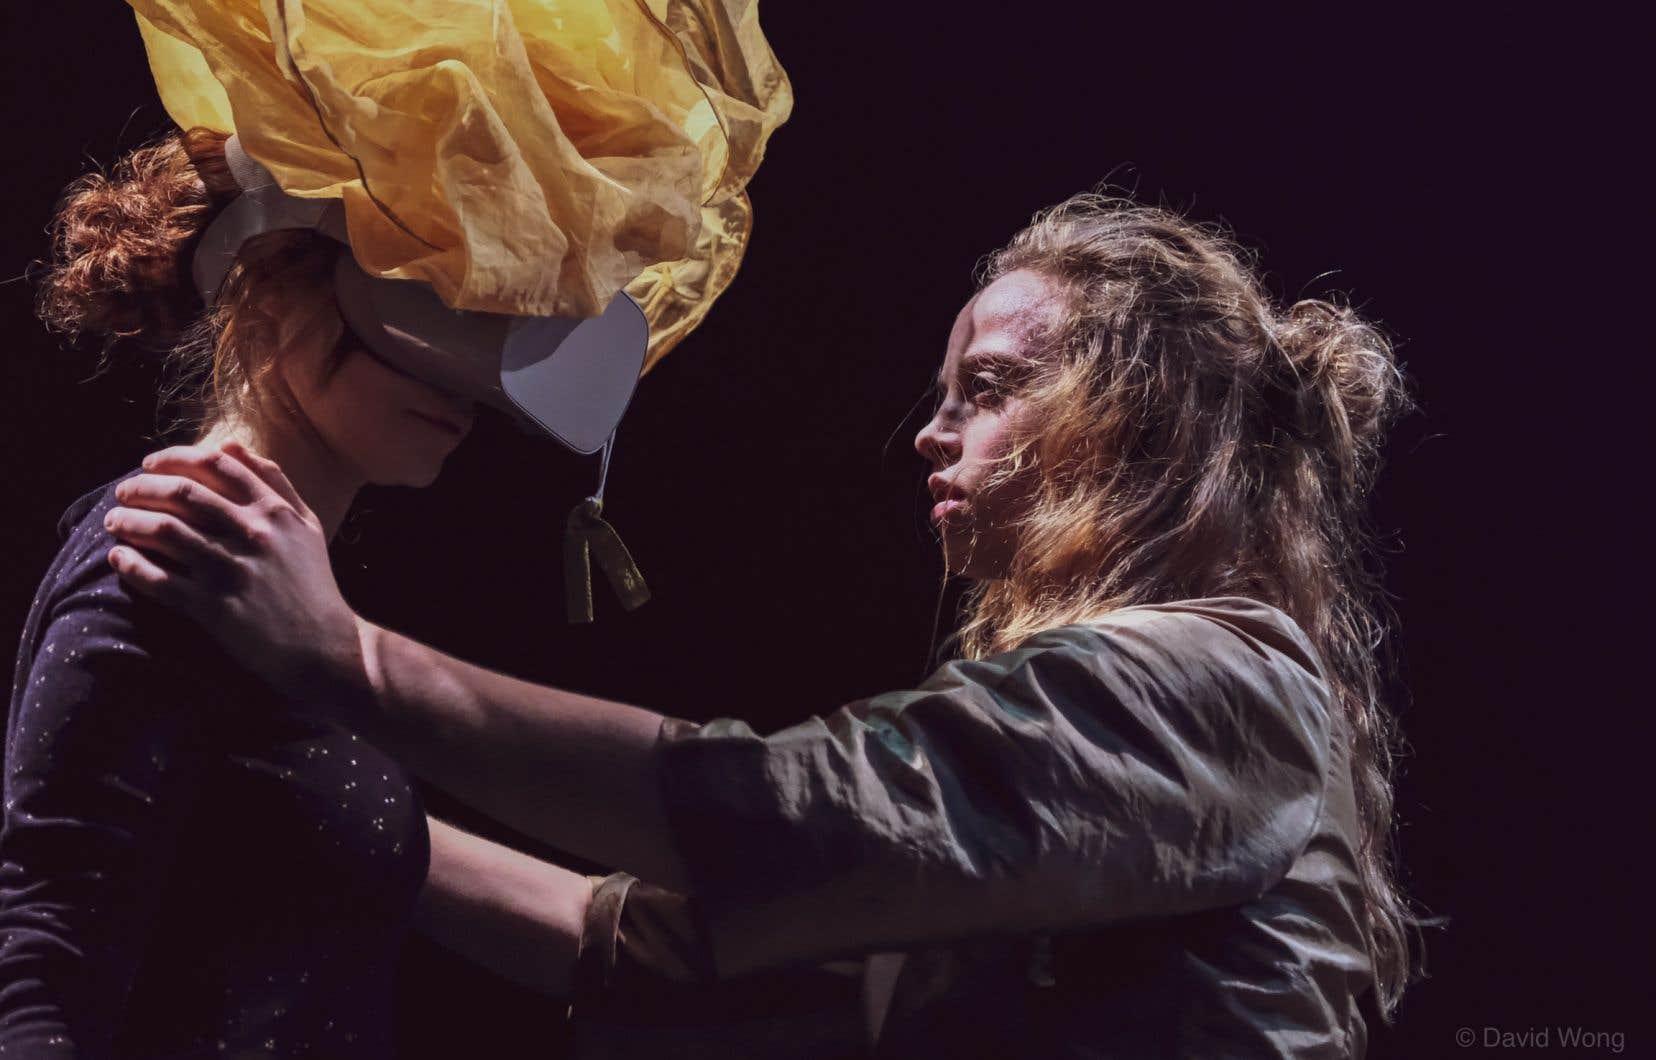 «Eve» de la chorégraphe italienne Margherita Bergamo est une expérience de réalité mixte qui floute les frontières entre le réel et le virtuel.